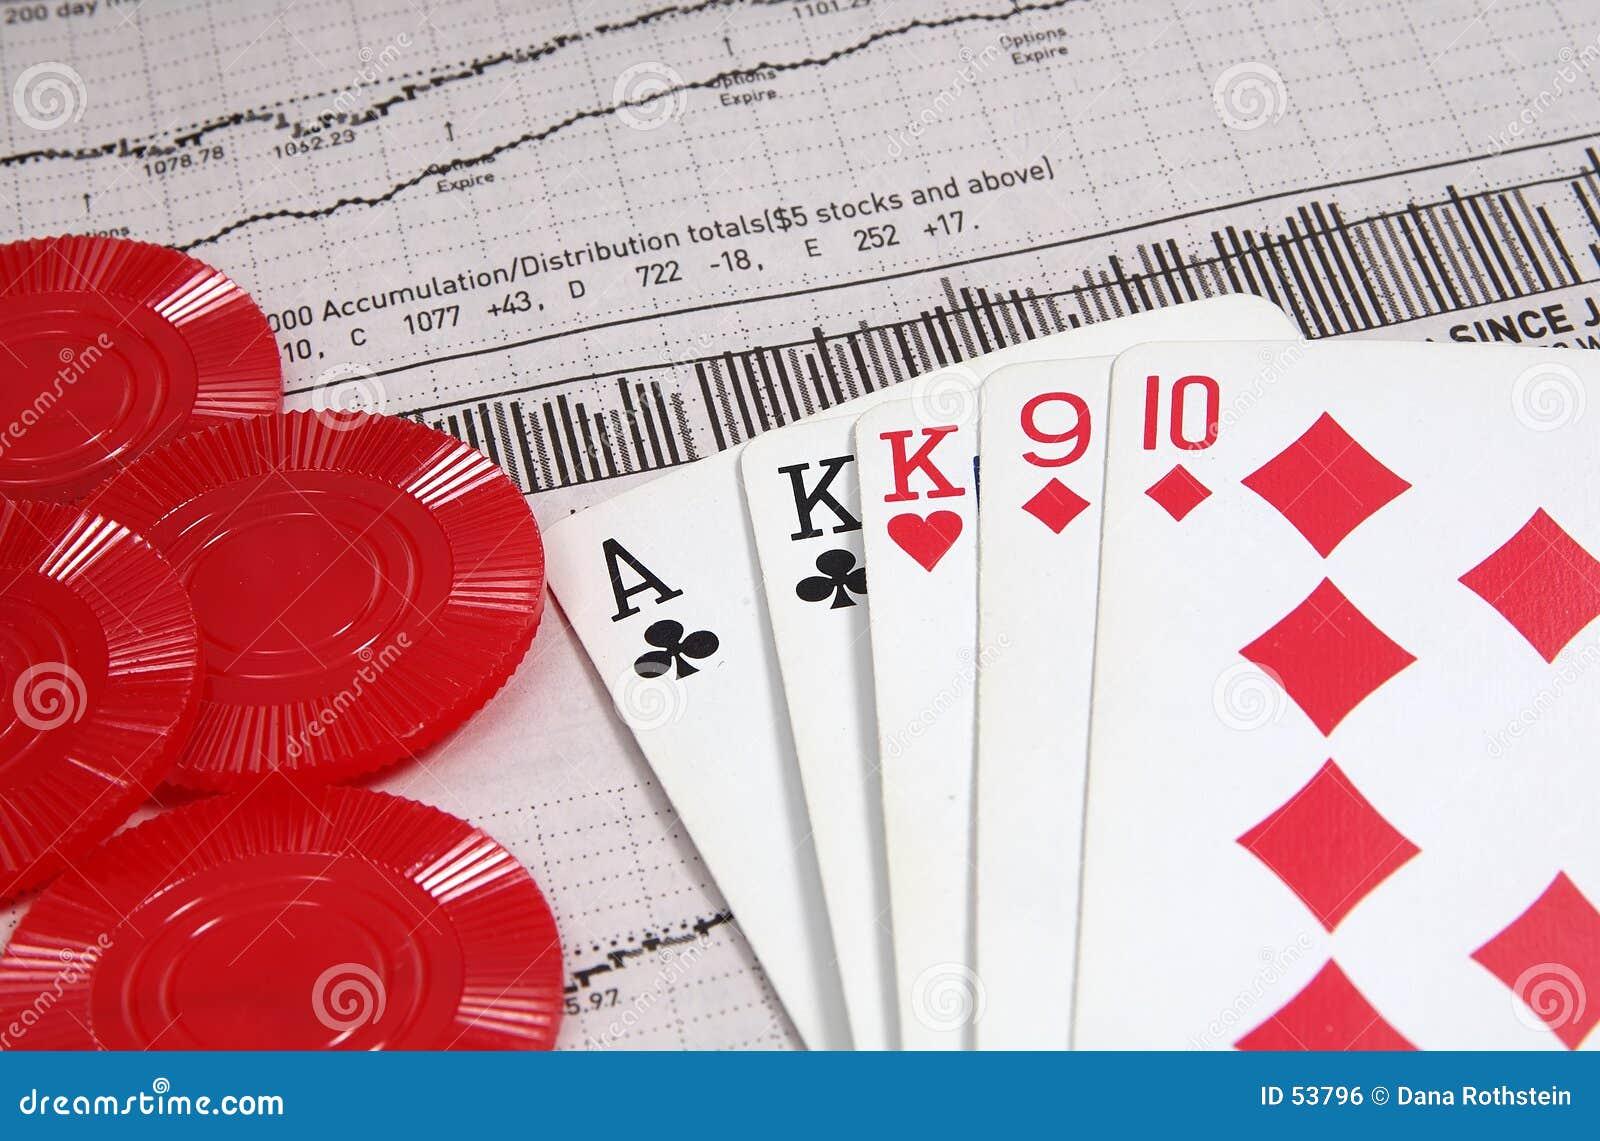 облечение азартной игры